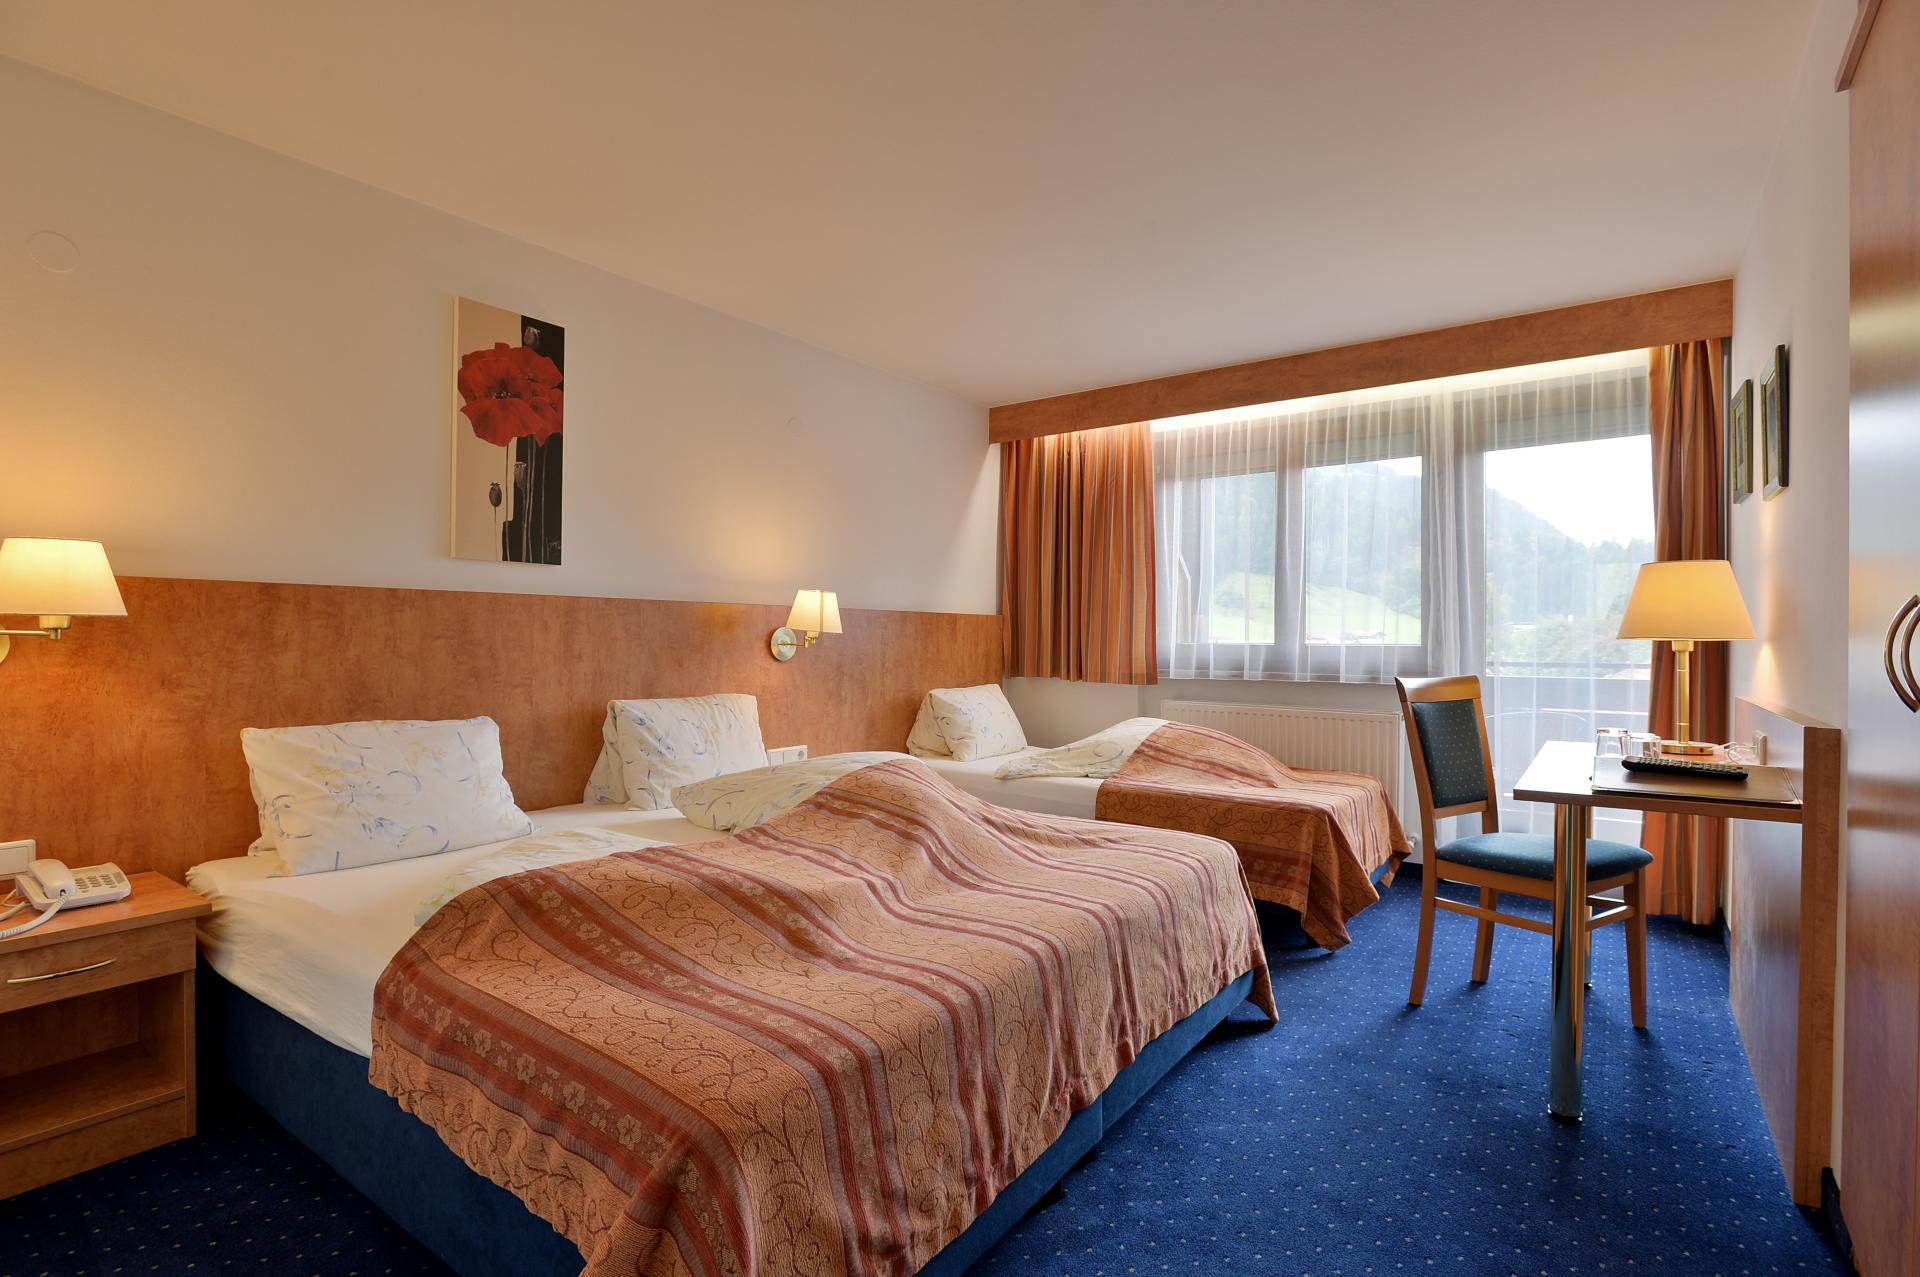 Tennenwirt Guesthouse #Bildergalerie#Hotel#Wohneinheiten#Buchen